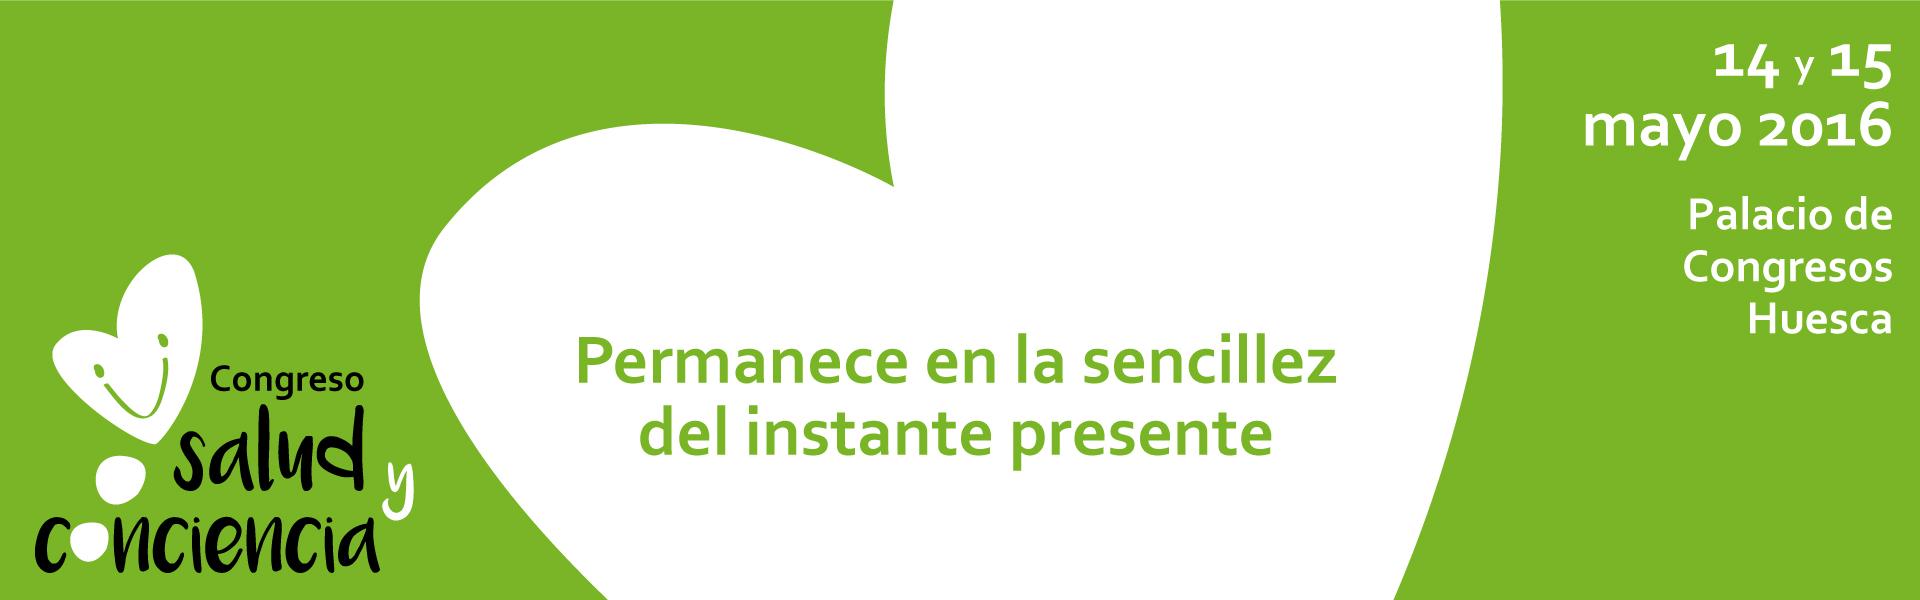 CONGRESO-SALUD-Y-CONCIENCIA-banner-6